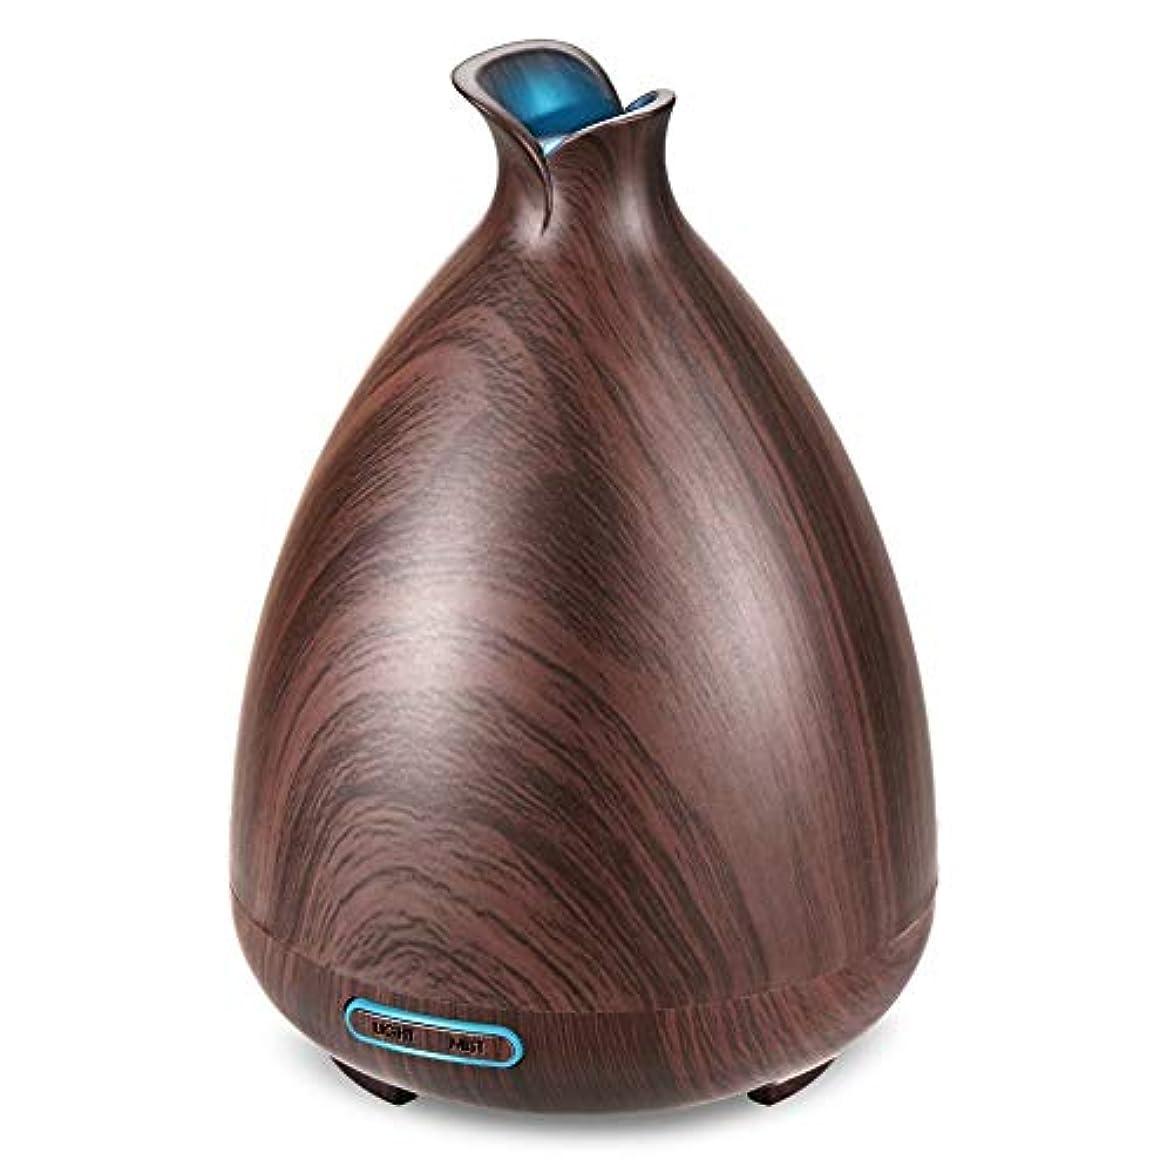 バッジ母性代表団(Brown) - URPOWER Essential Oil Diffuser 130ml Wood Grain Ultrasonic Aromatherapy Oil Diffuser with Adjustable...